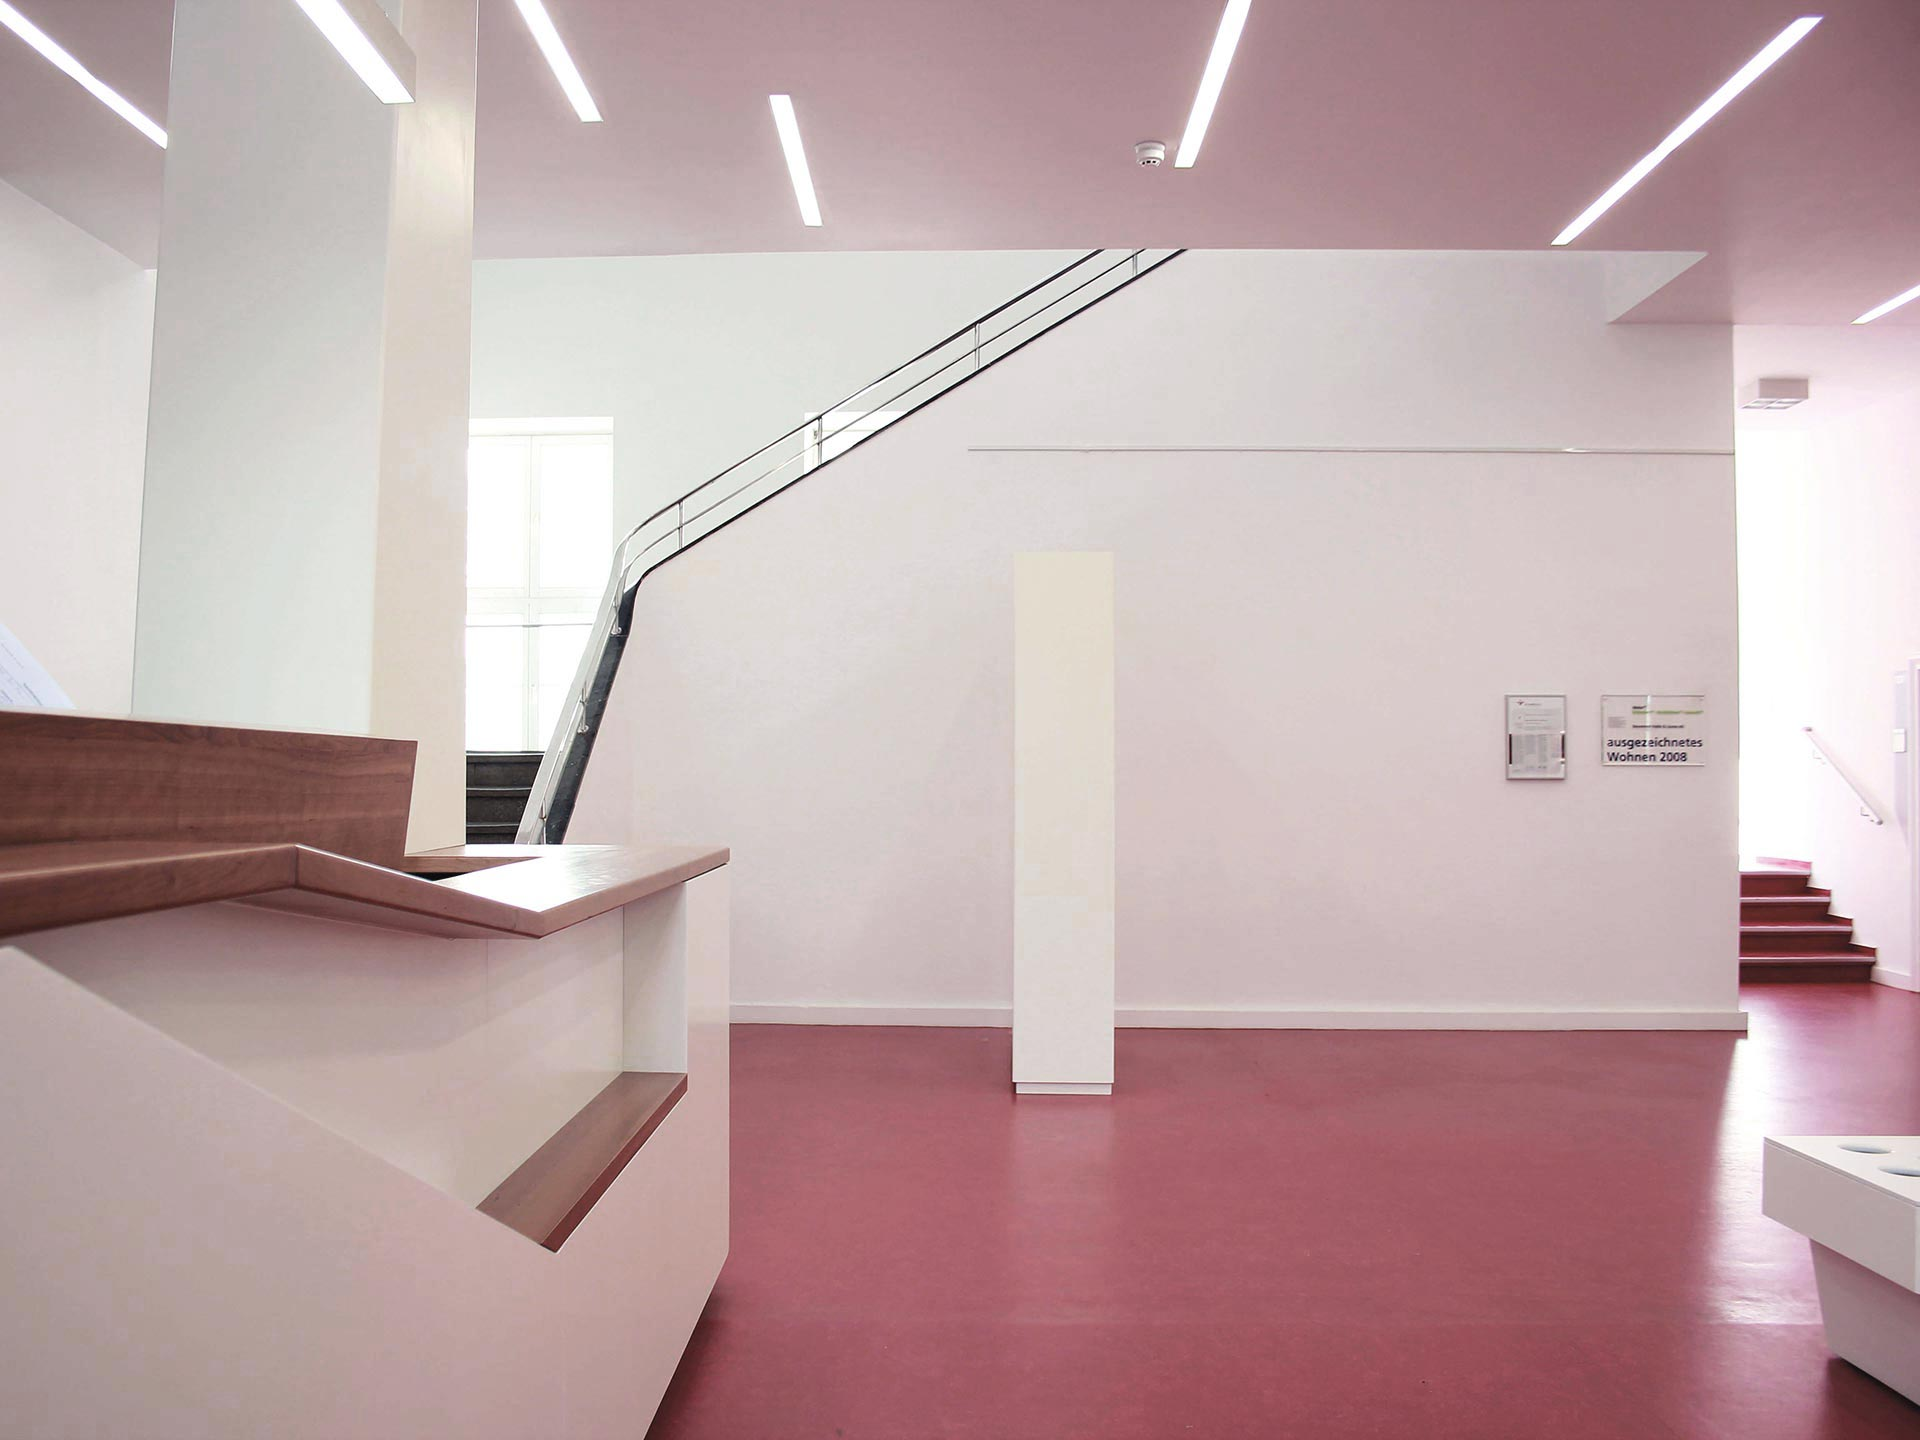 Umbau Wohnungsgenossenschaft Halle Leuna 3